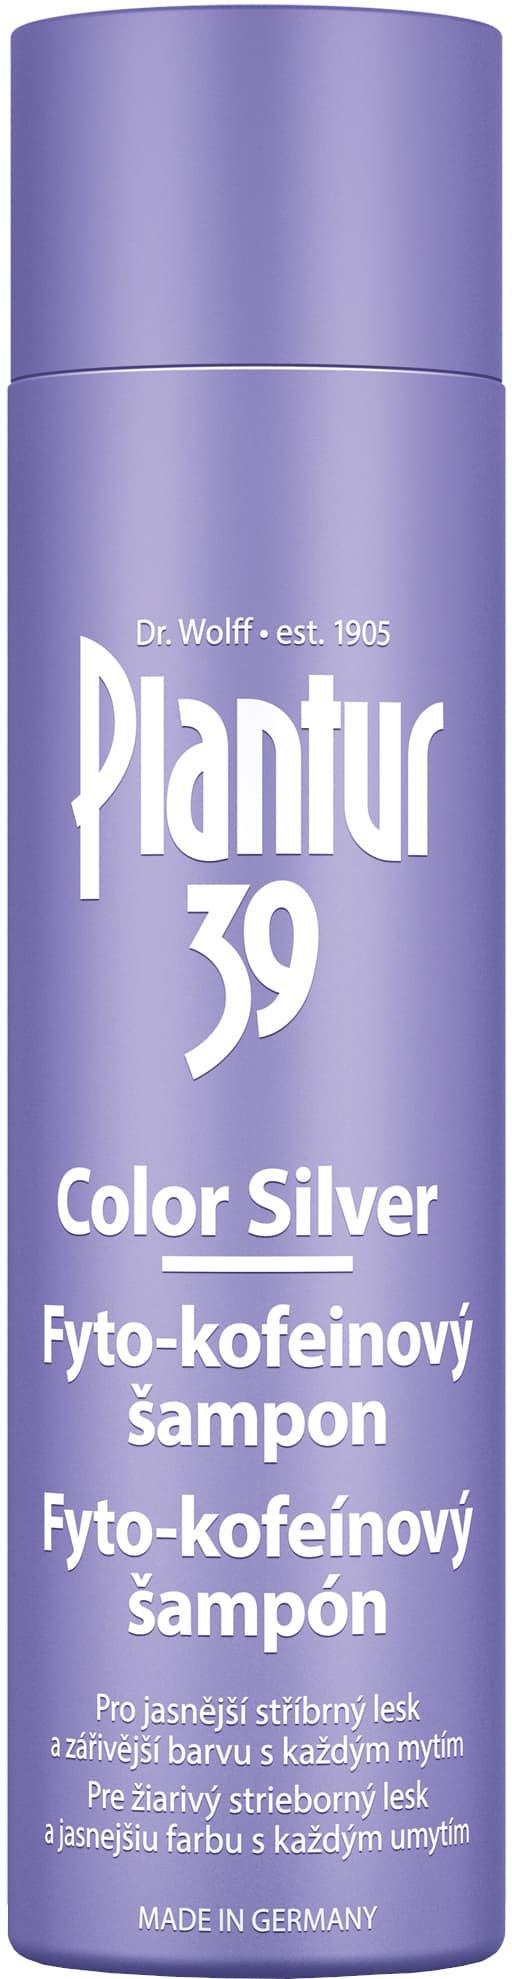 Plantur 39 Color Silver Fyto-Kofeinový šampón 250ml